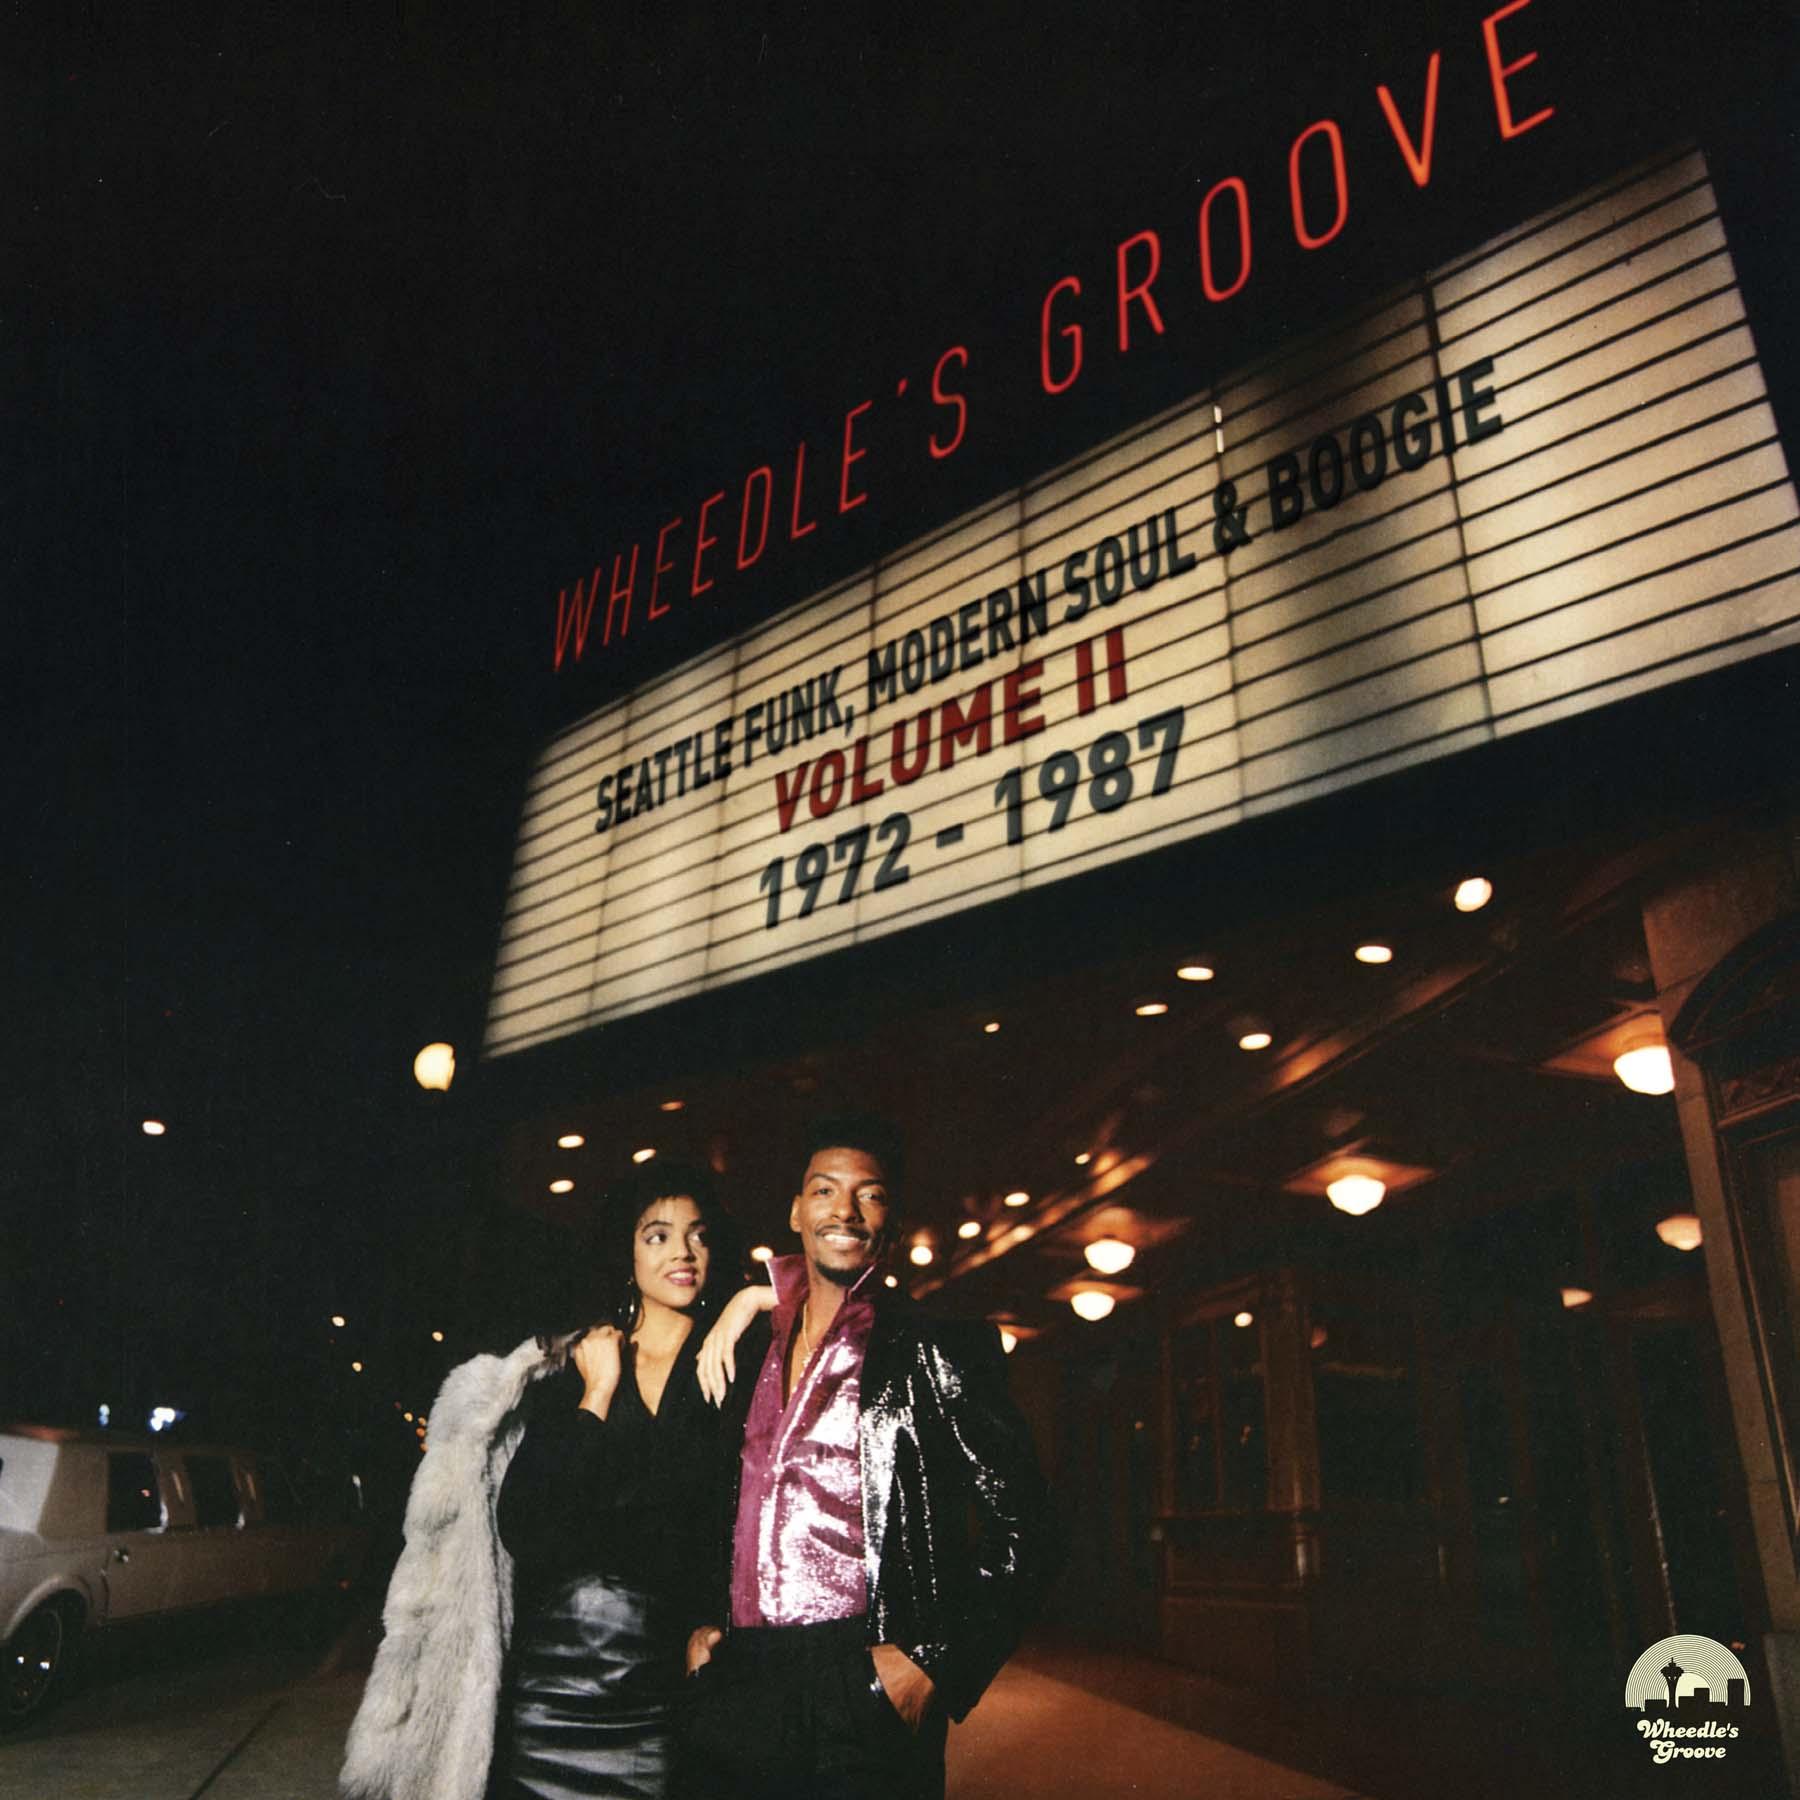 Seattle Funk Modern Soul Amp Boogie Volume Ii 1972 1987